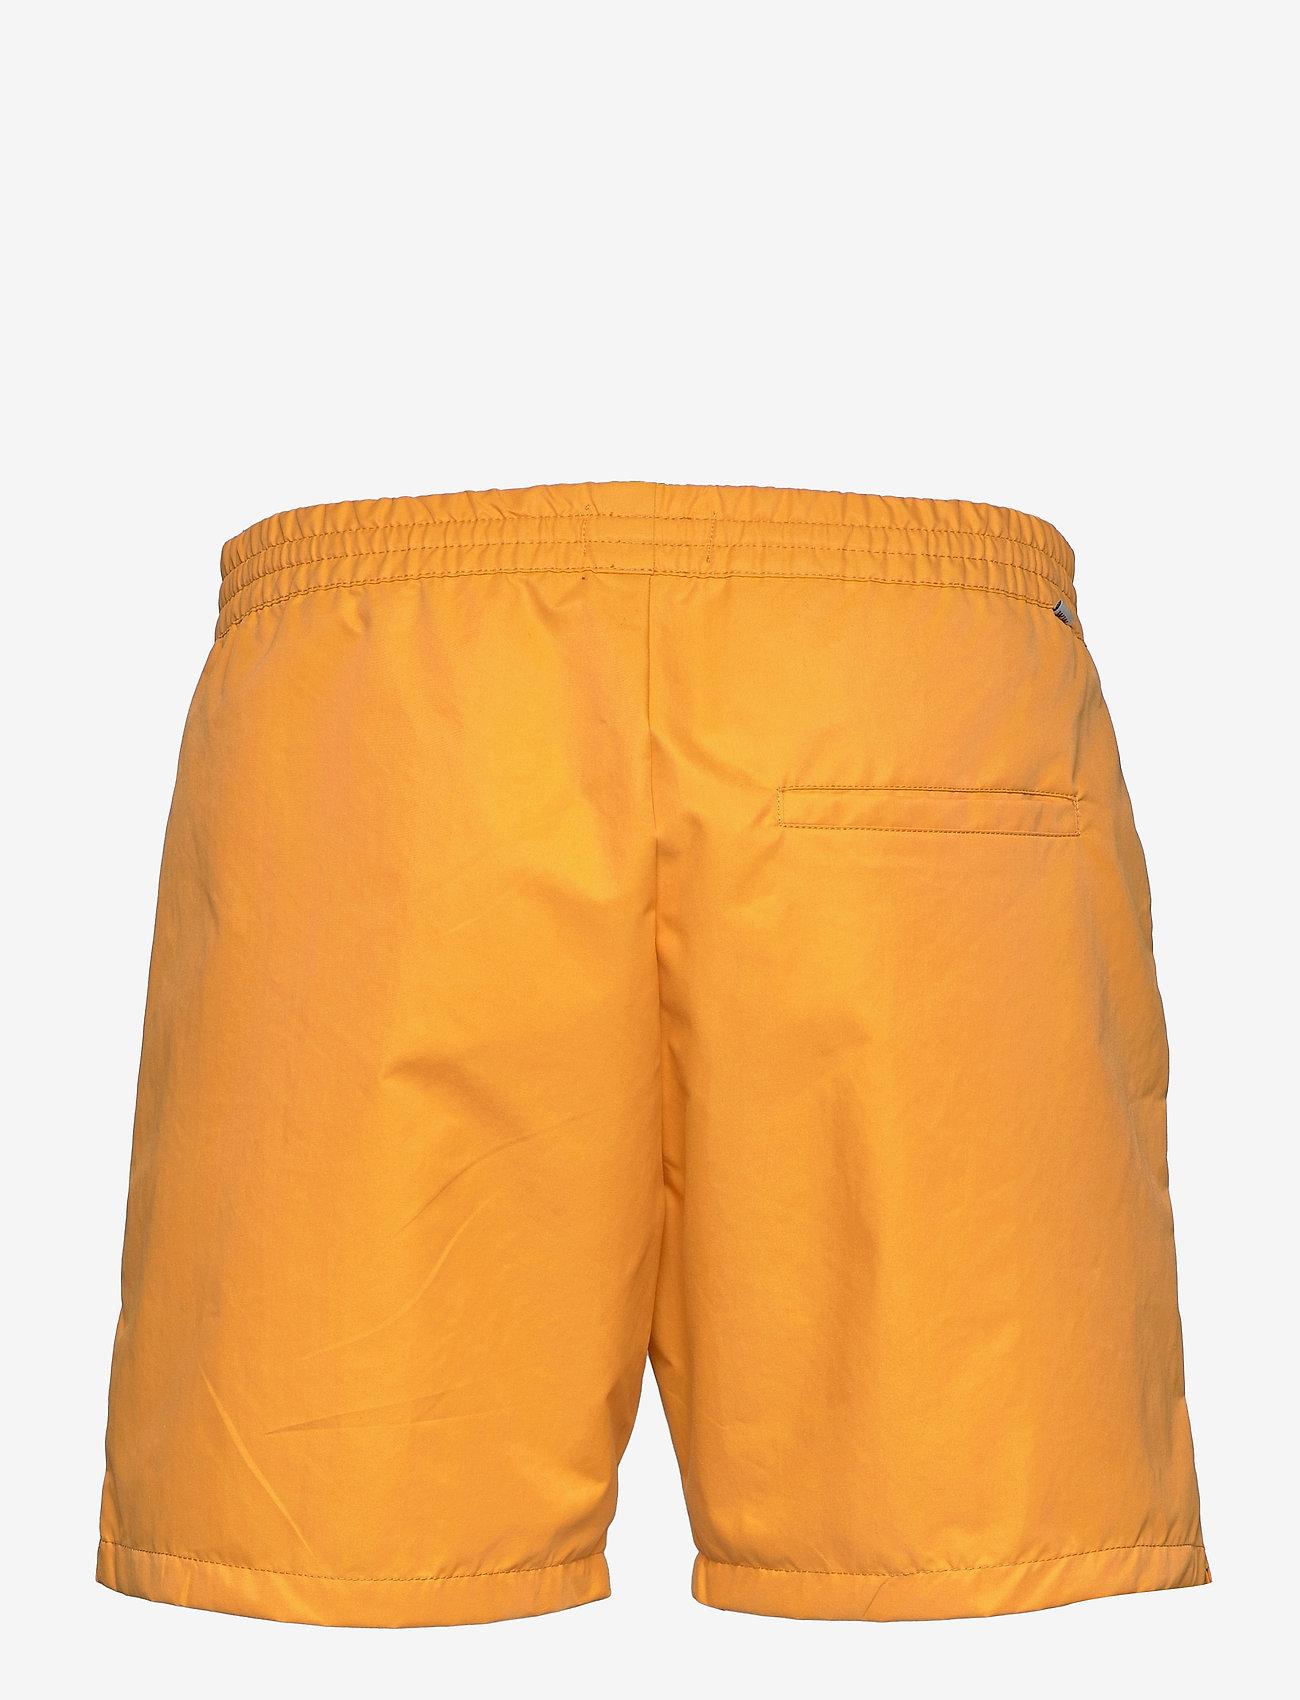 Wood Wood - Roy swim shorts - shorts - light orange - 1